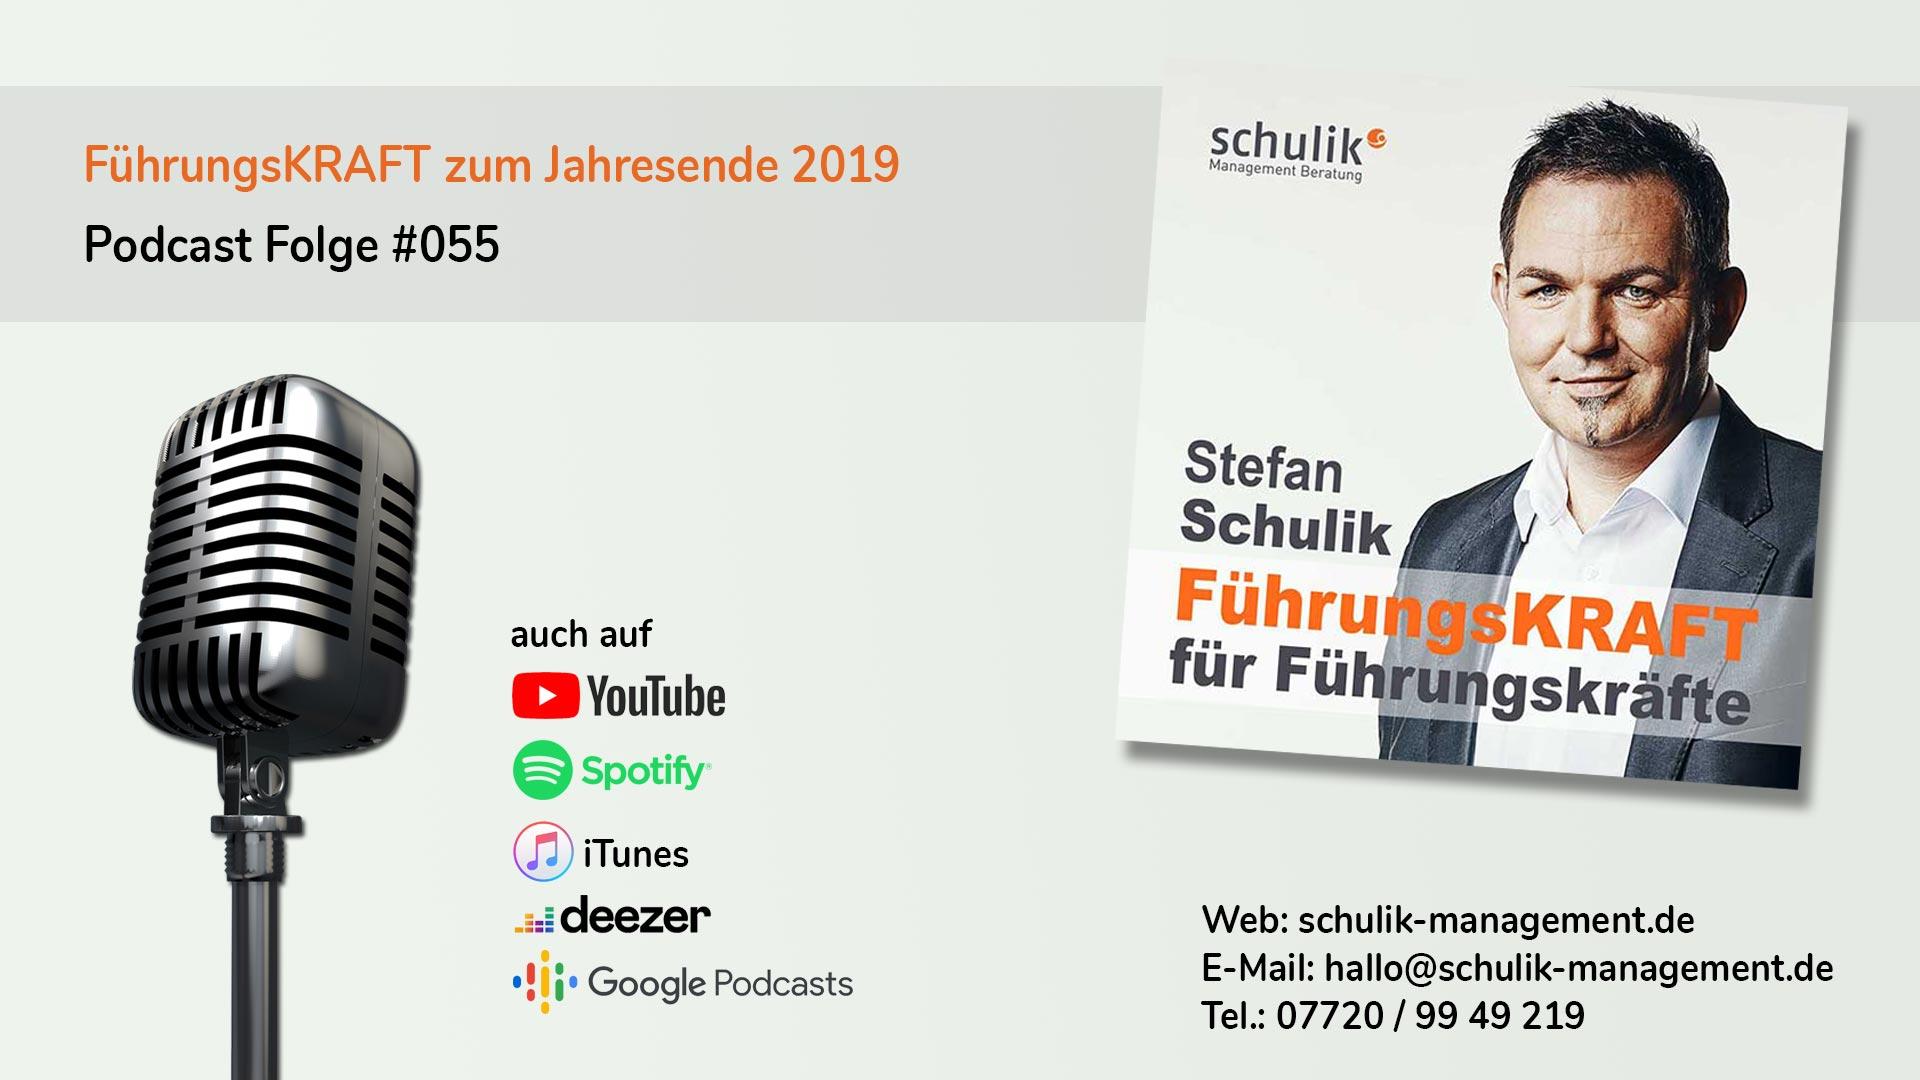 FührungsKRAFT Zum Jahresende 2019 – Podcast Folge #055